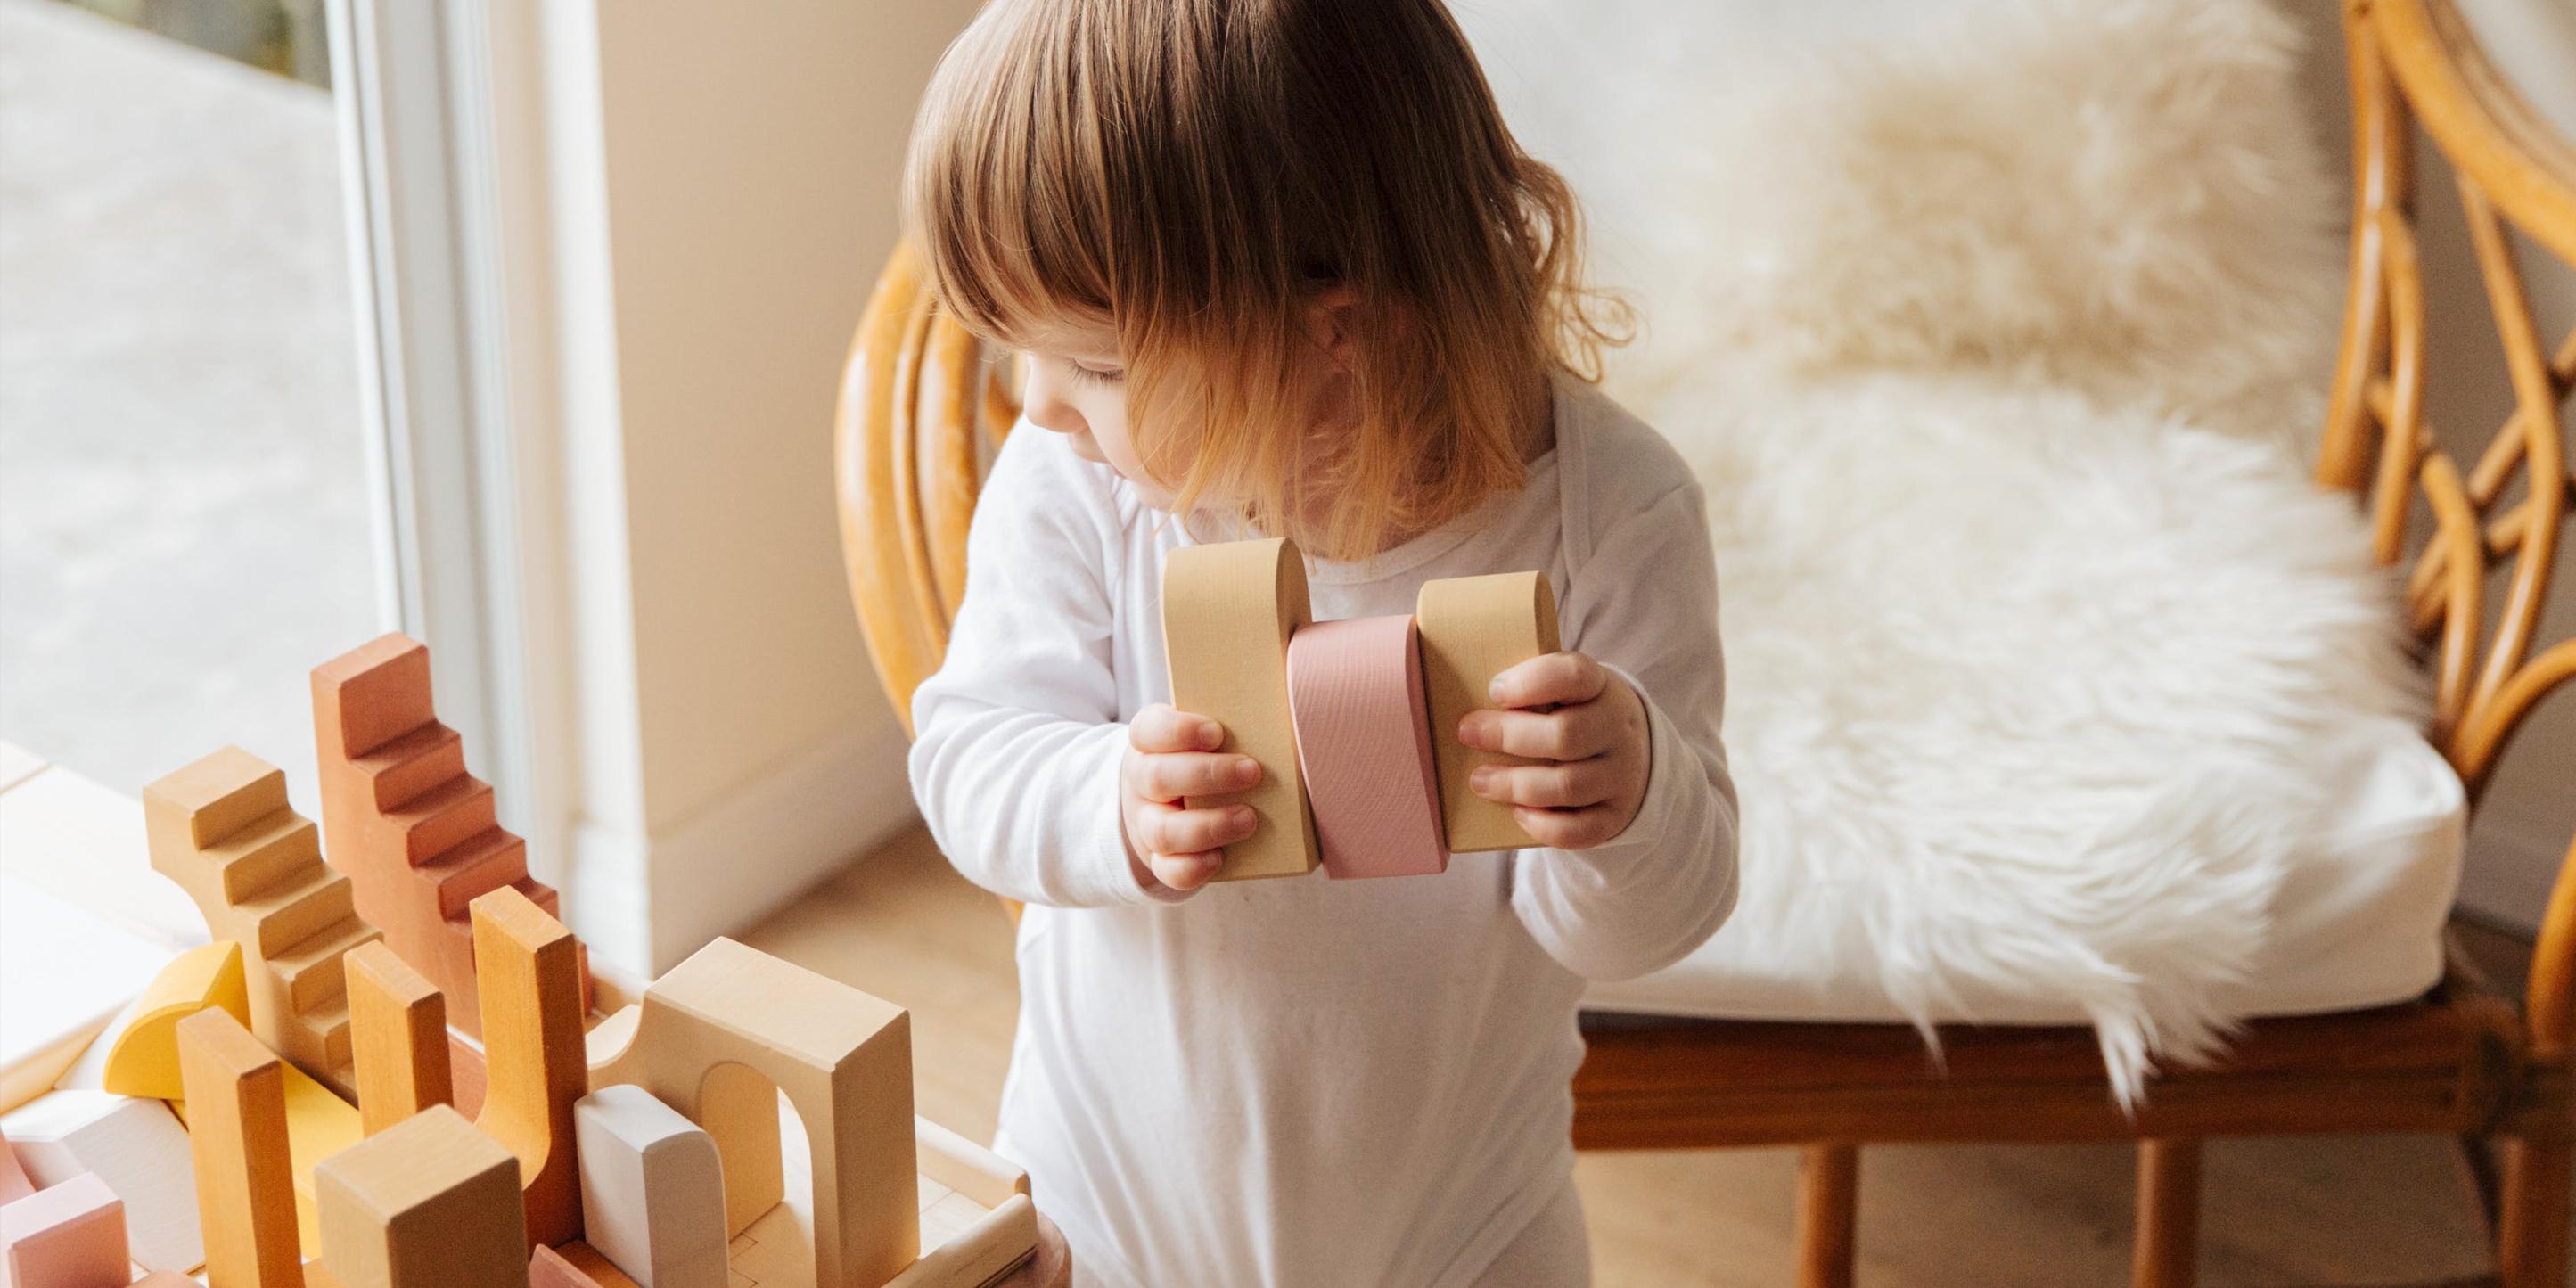 Ein kleines Kind spielt mit Bauklötzen.